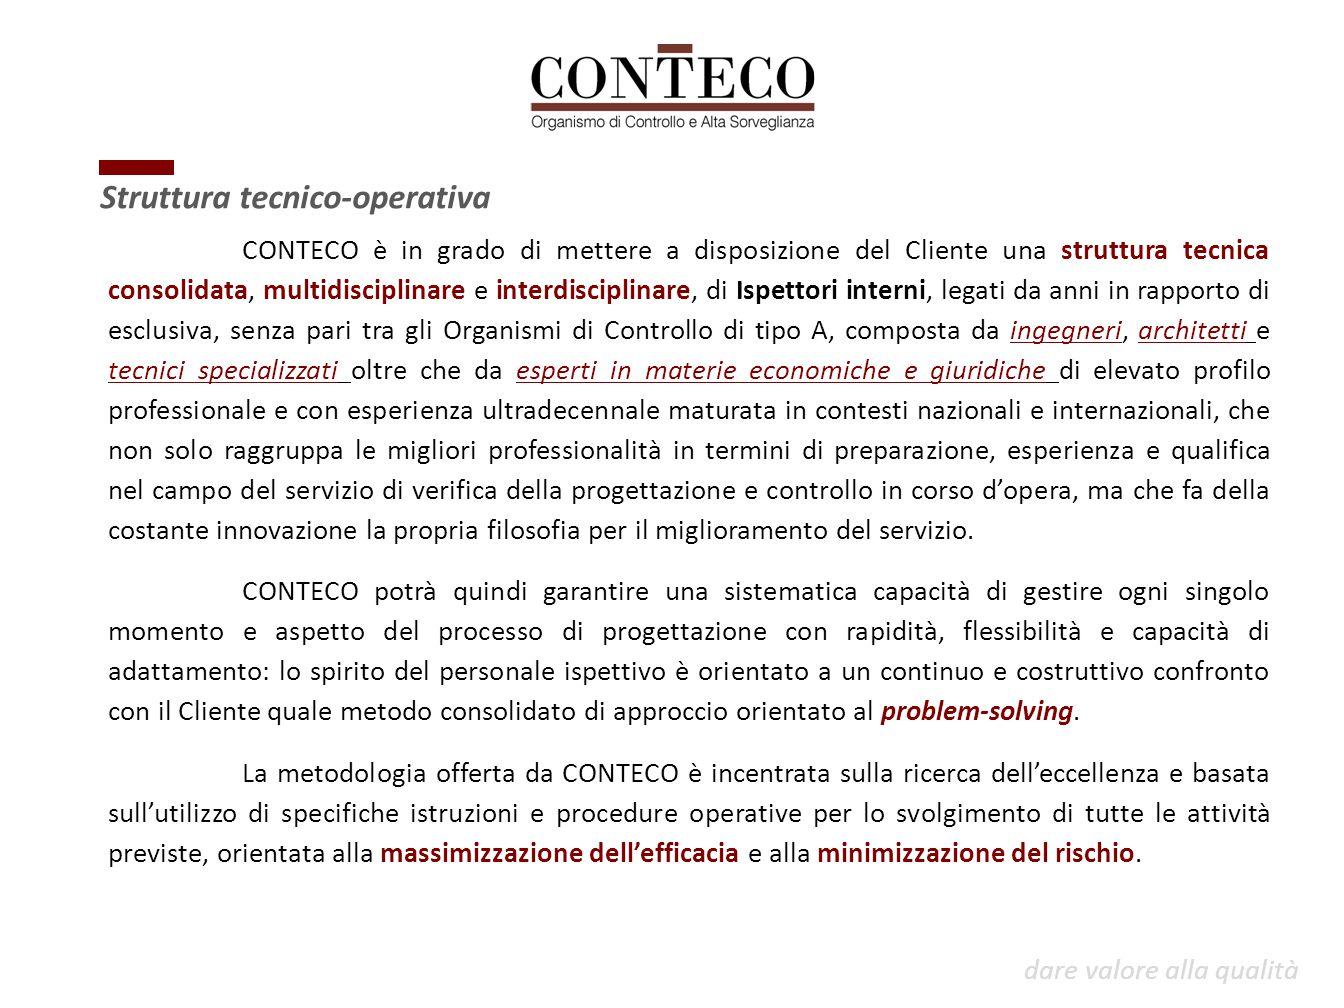 CONTECO è in grado di mettere a disposizione del Cliente una struttura tecnica consolidata, multidisciplinare e interdisciplinare, di Ispettori intern